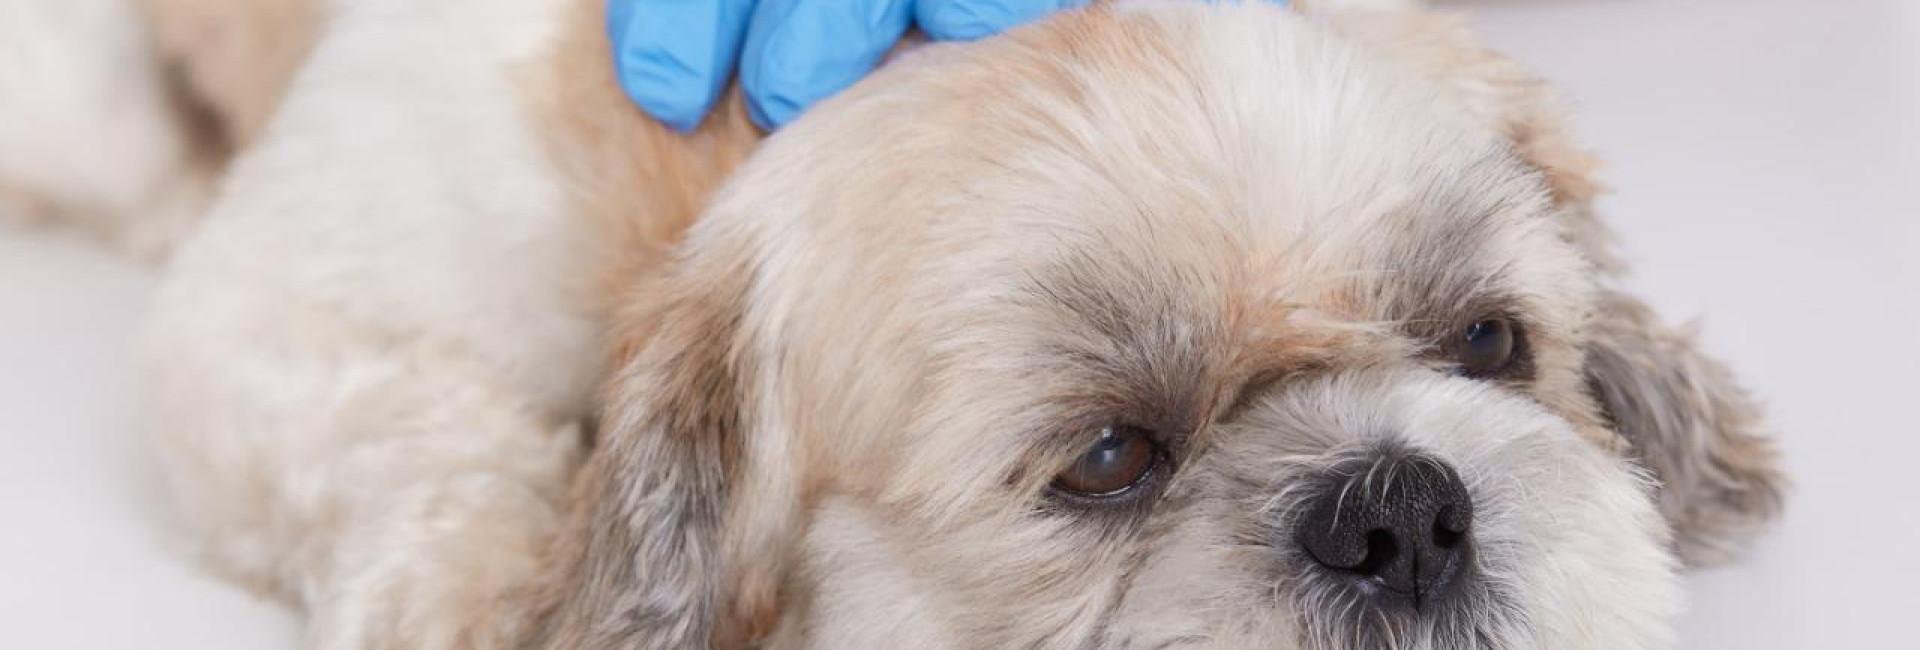 Cães e gatos doentes? Saiba quais são os 10 sinais de alerta e fique tranquilo neste final de ano